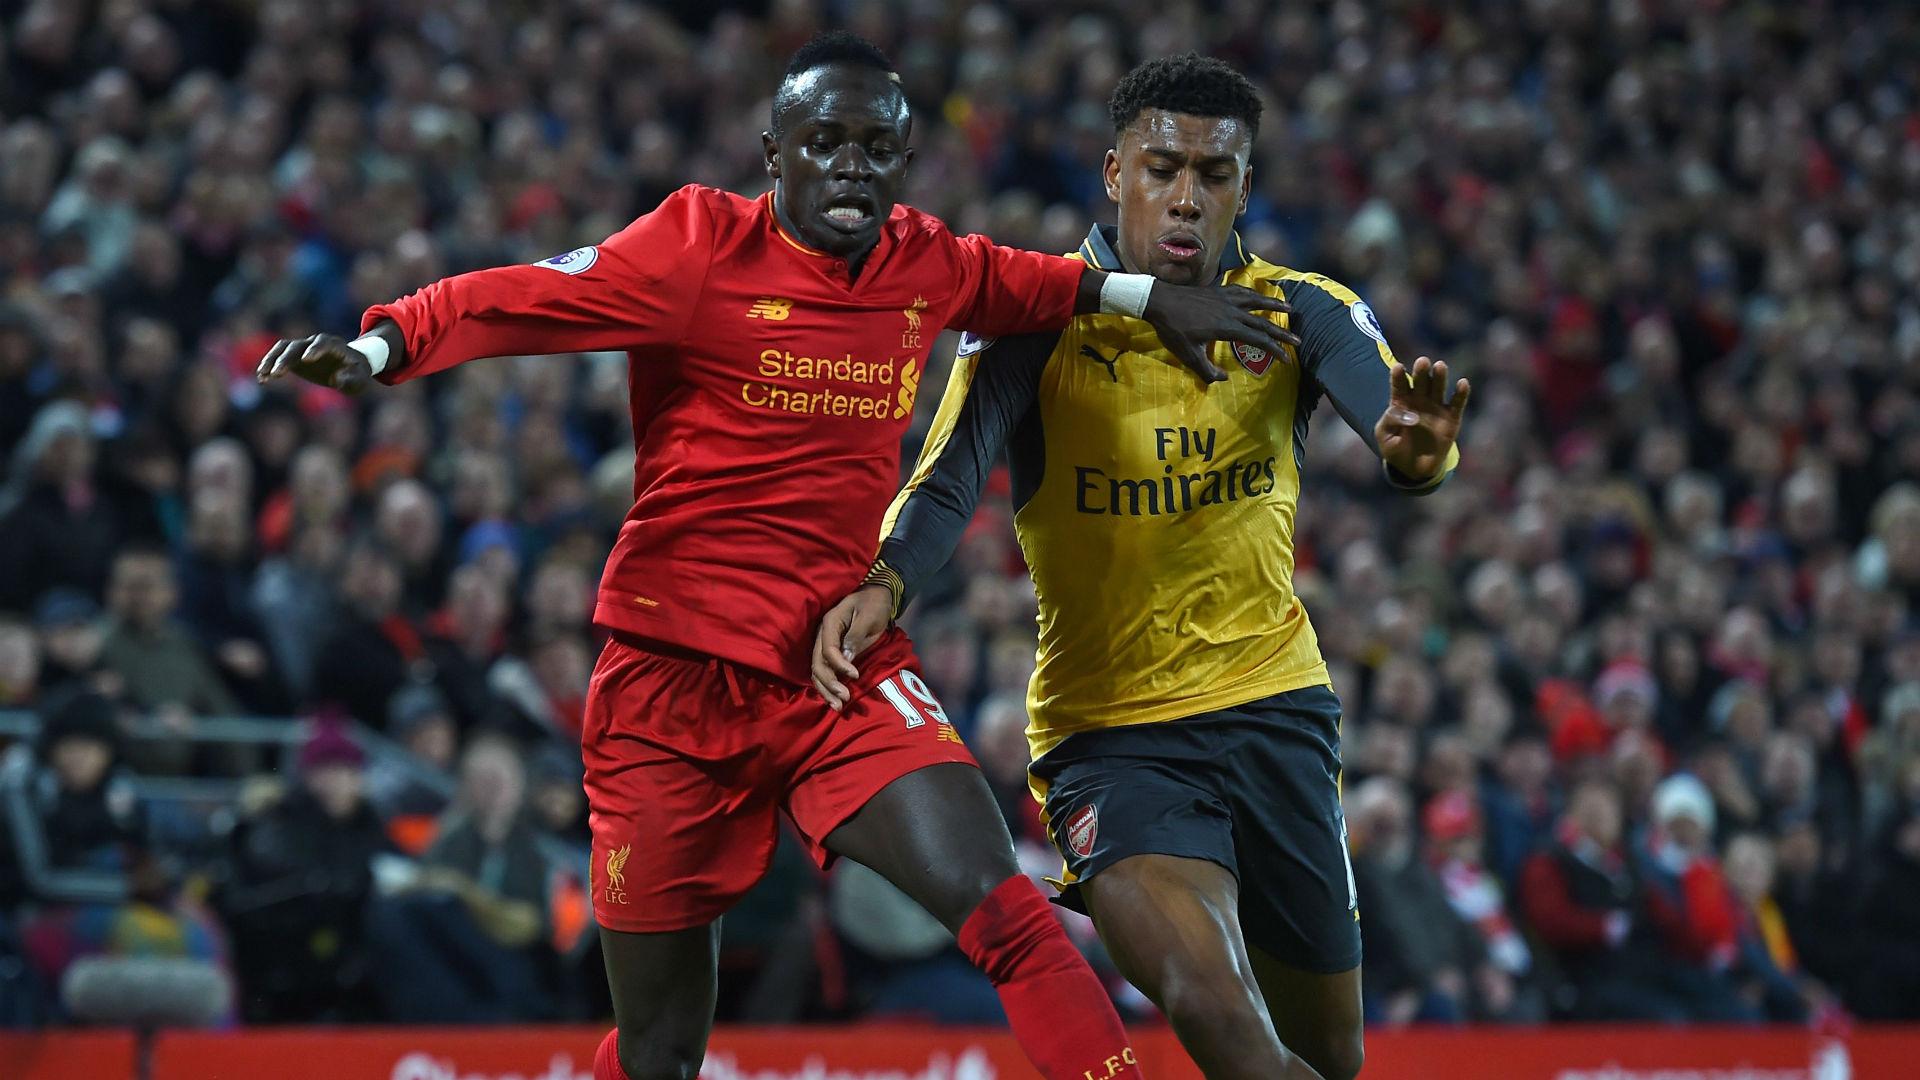 Sadio Mane and Alex Iwobi